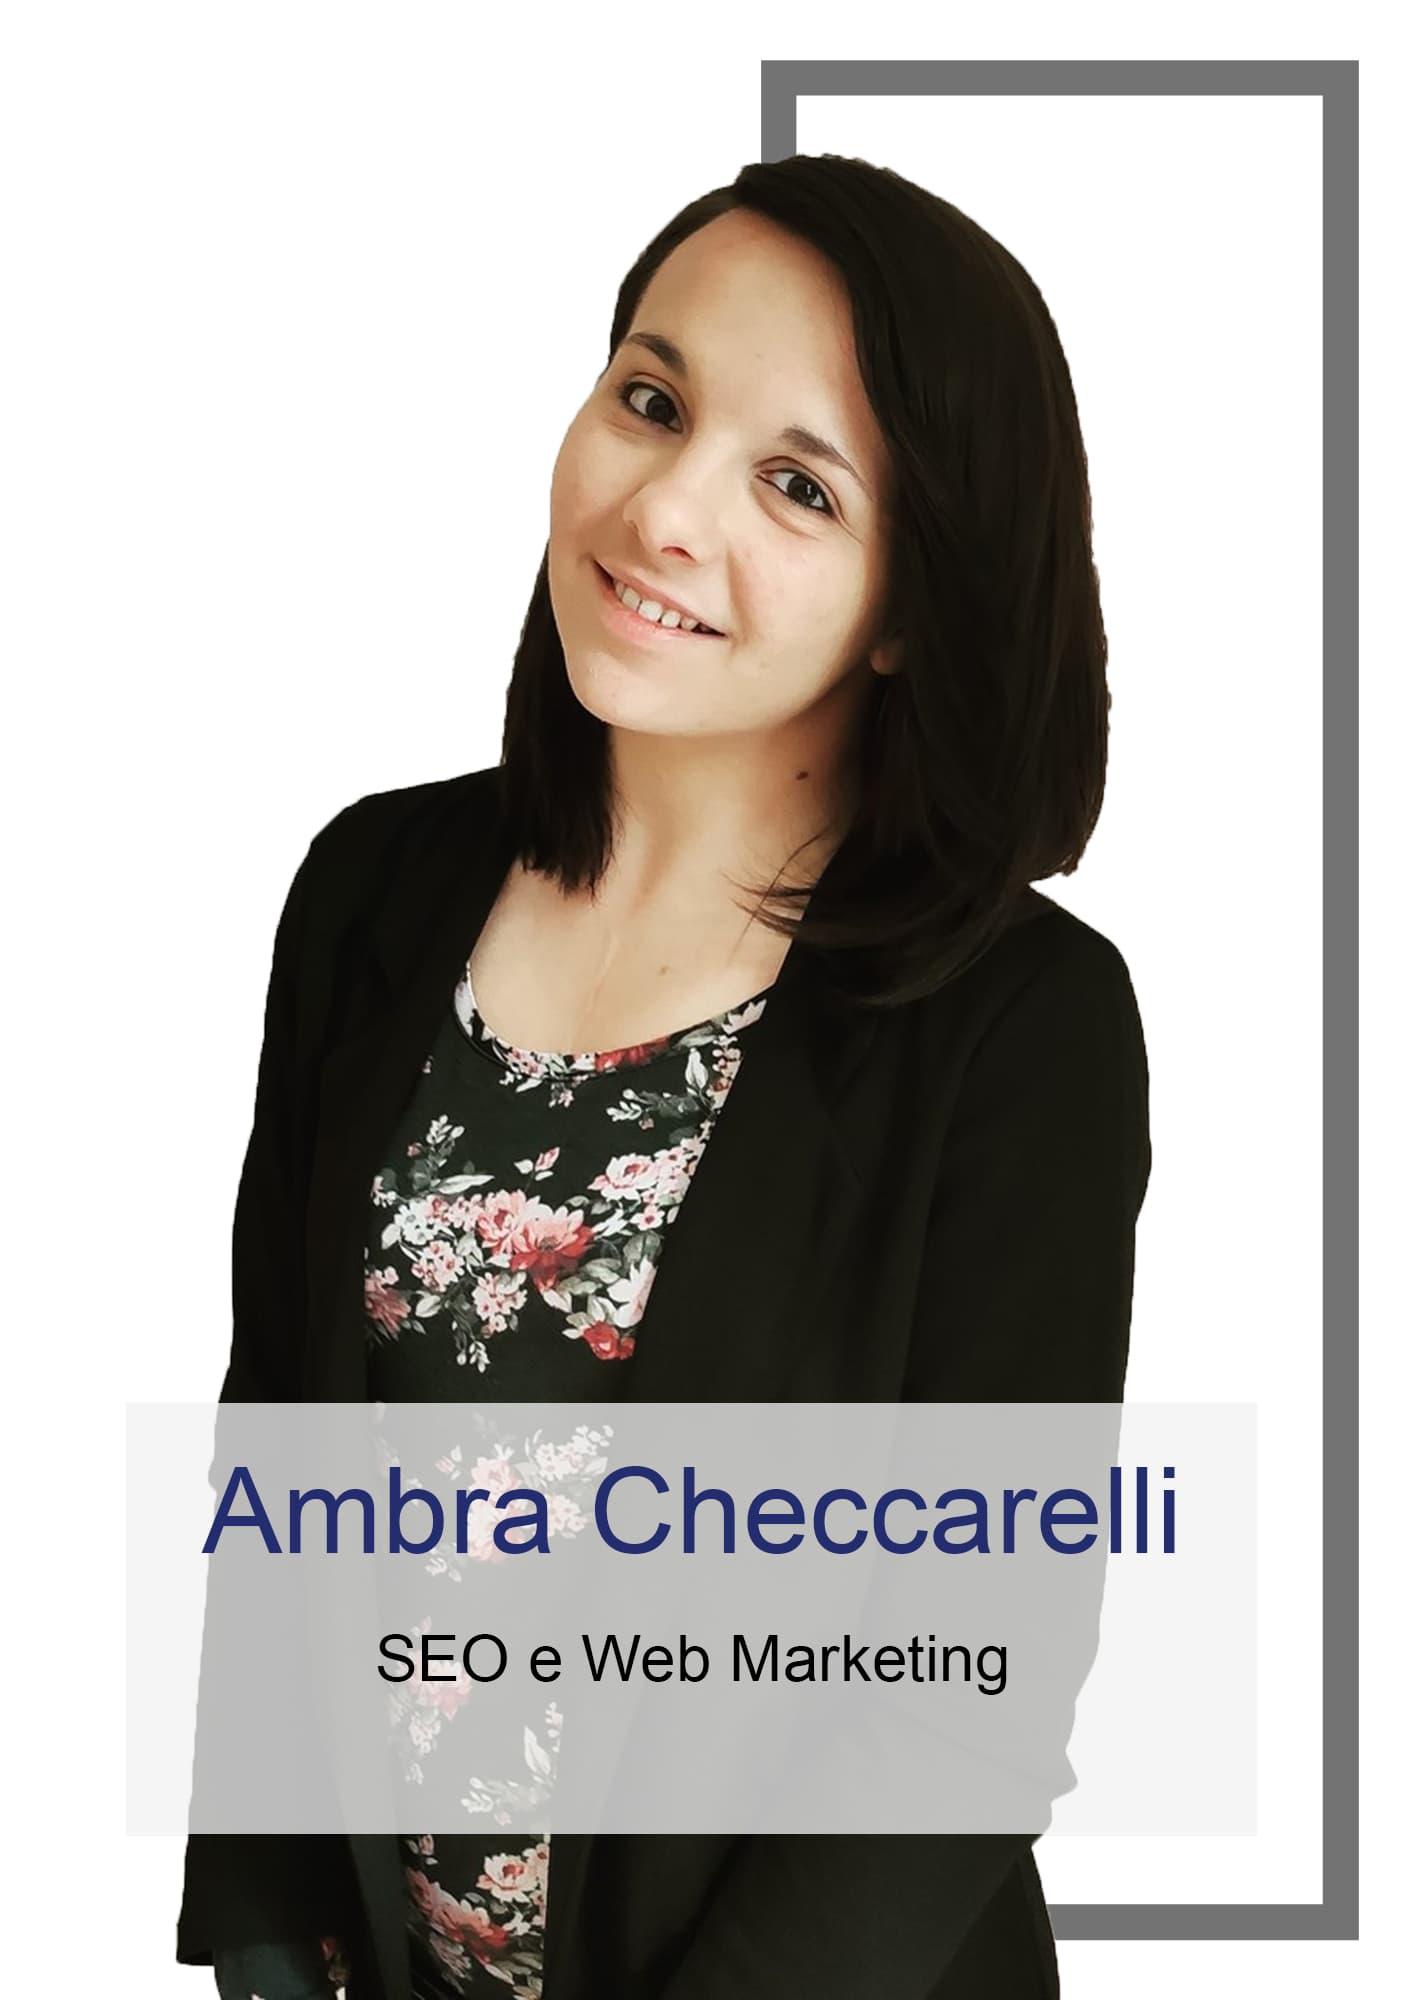 Ambra Checcarelli - SEO e Web Marketer